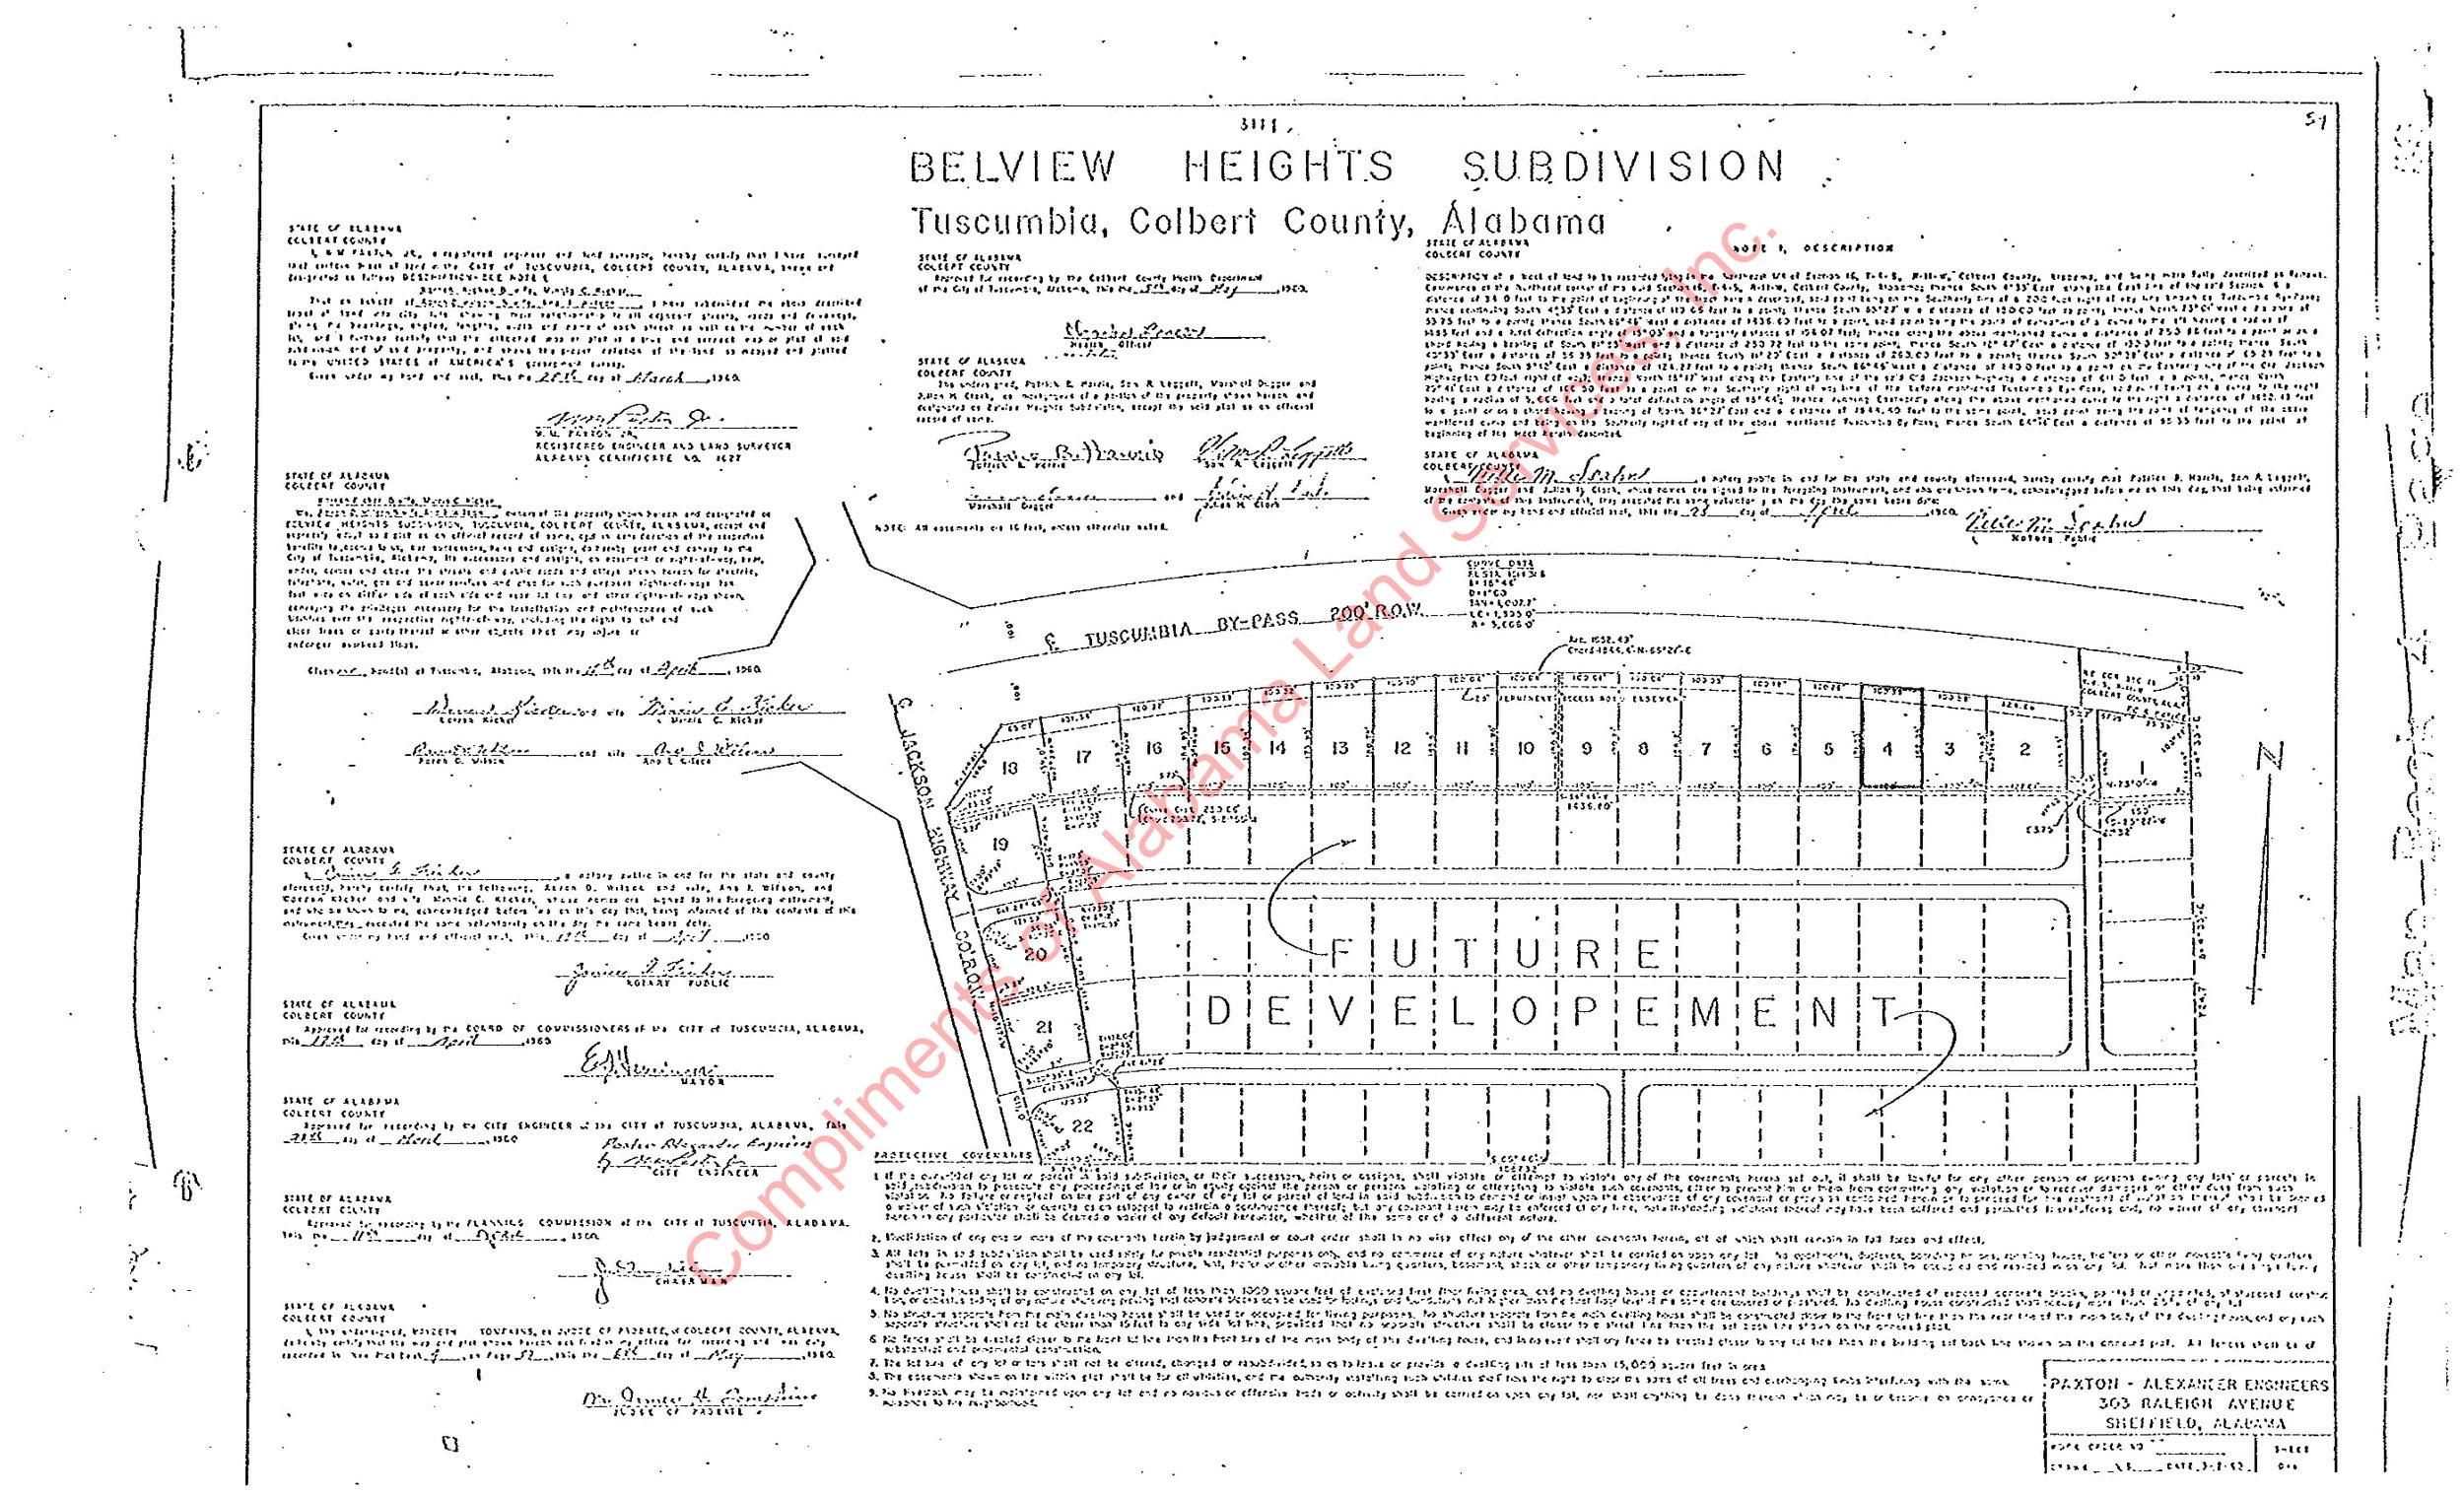 Belview Heights Plat 2 plat-1.jpg